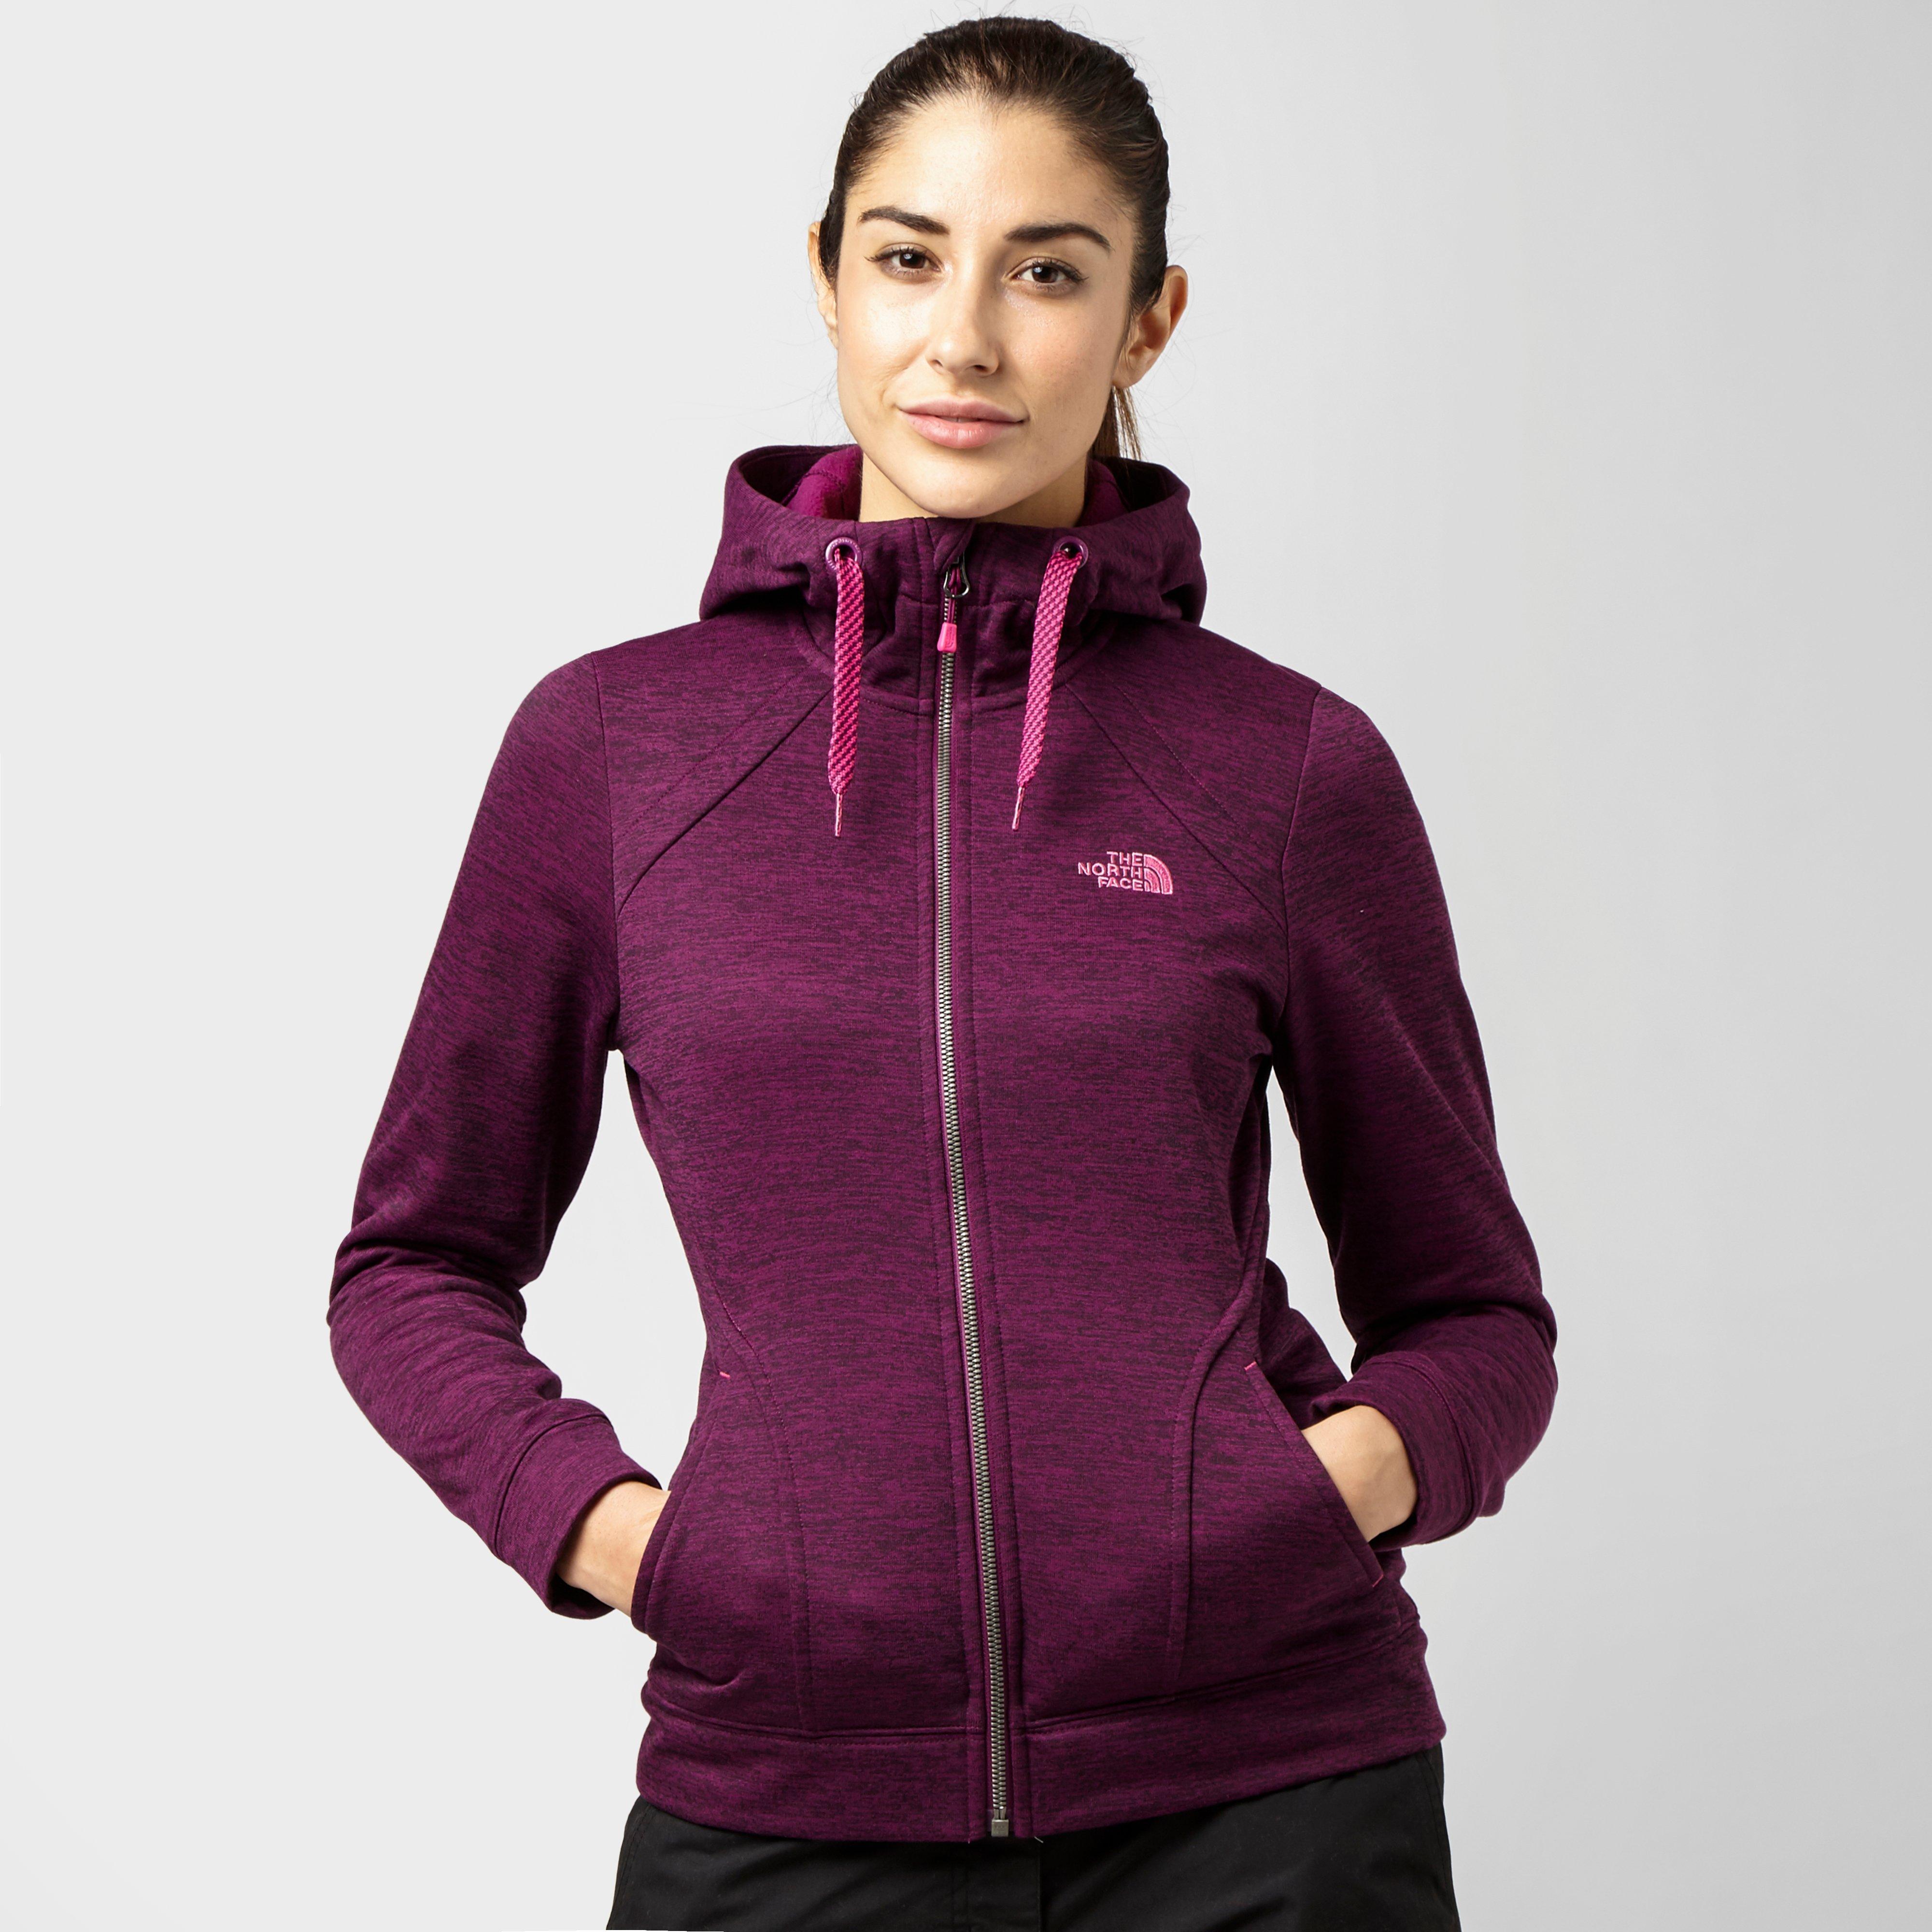 Womens purple hoodie